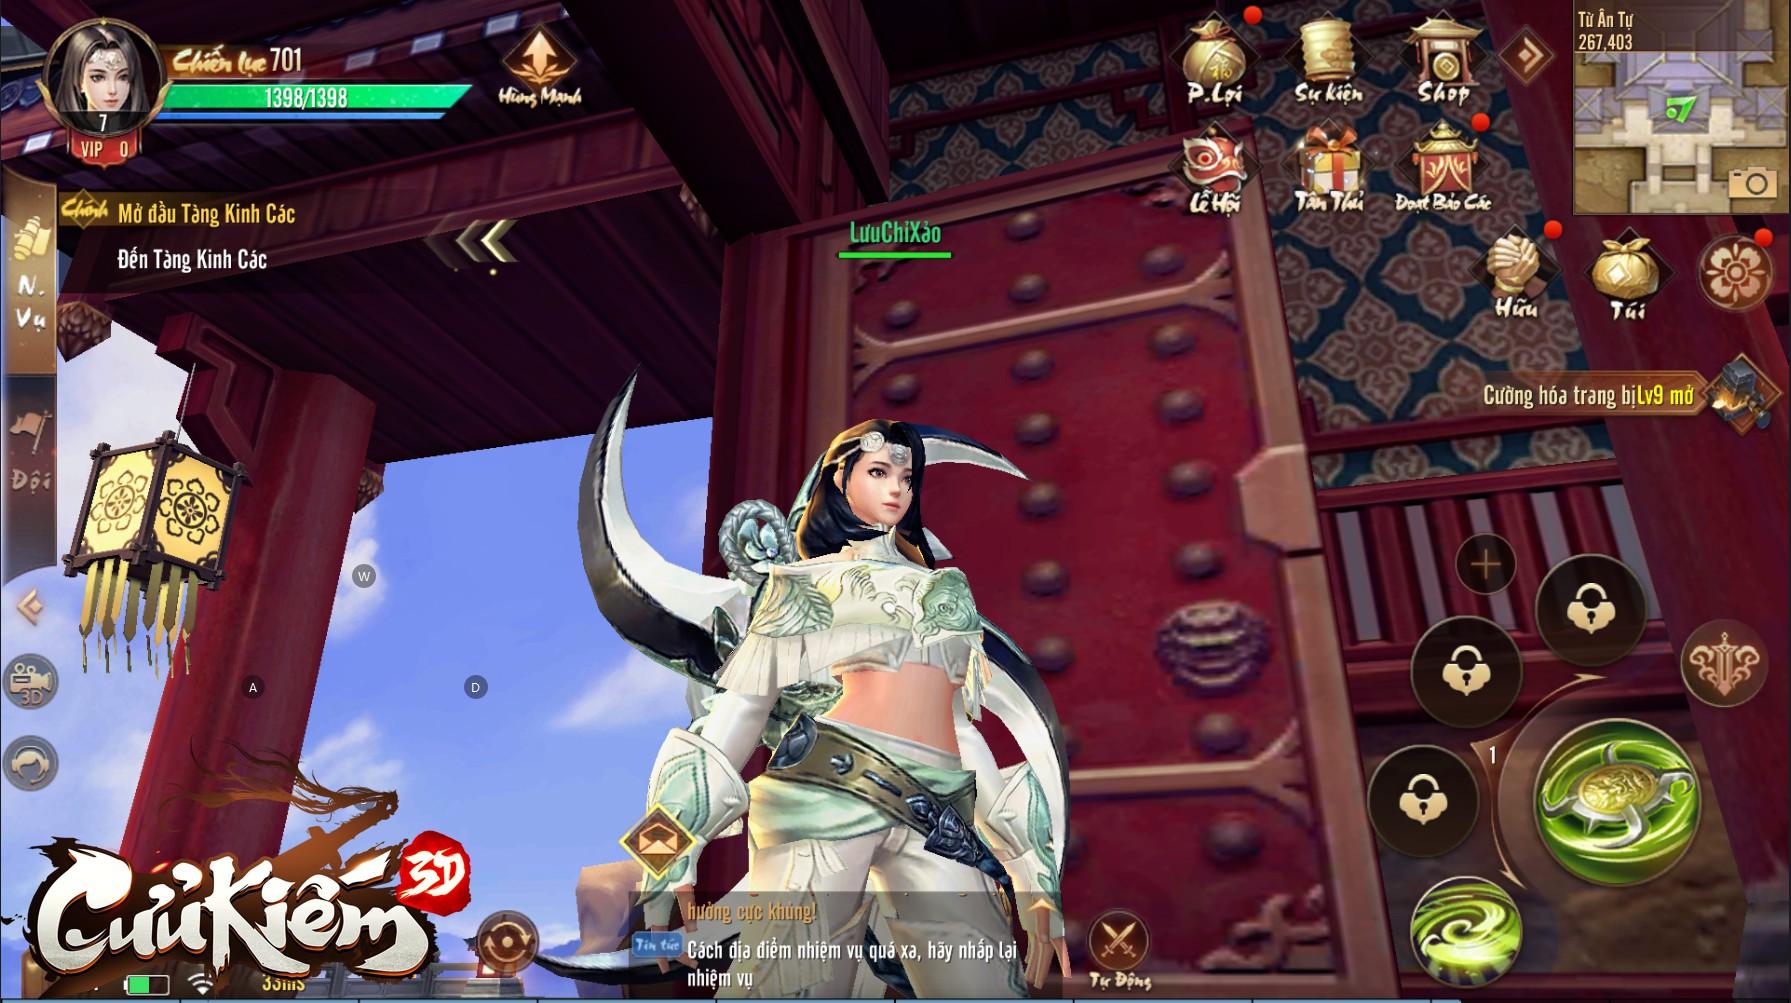 Muốn check đồ họa đỉnh cao của 1 tựa game ở Việt Nam, hãy nhìn vào mắt của nhân vật nữ thay vì... ngực - Ảnh 5.